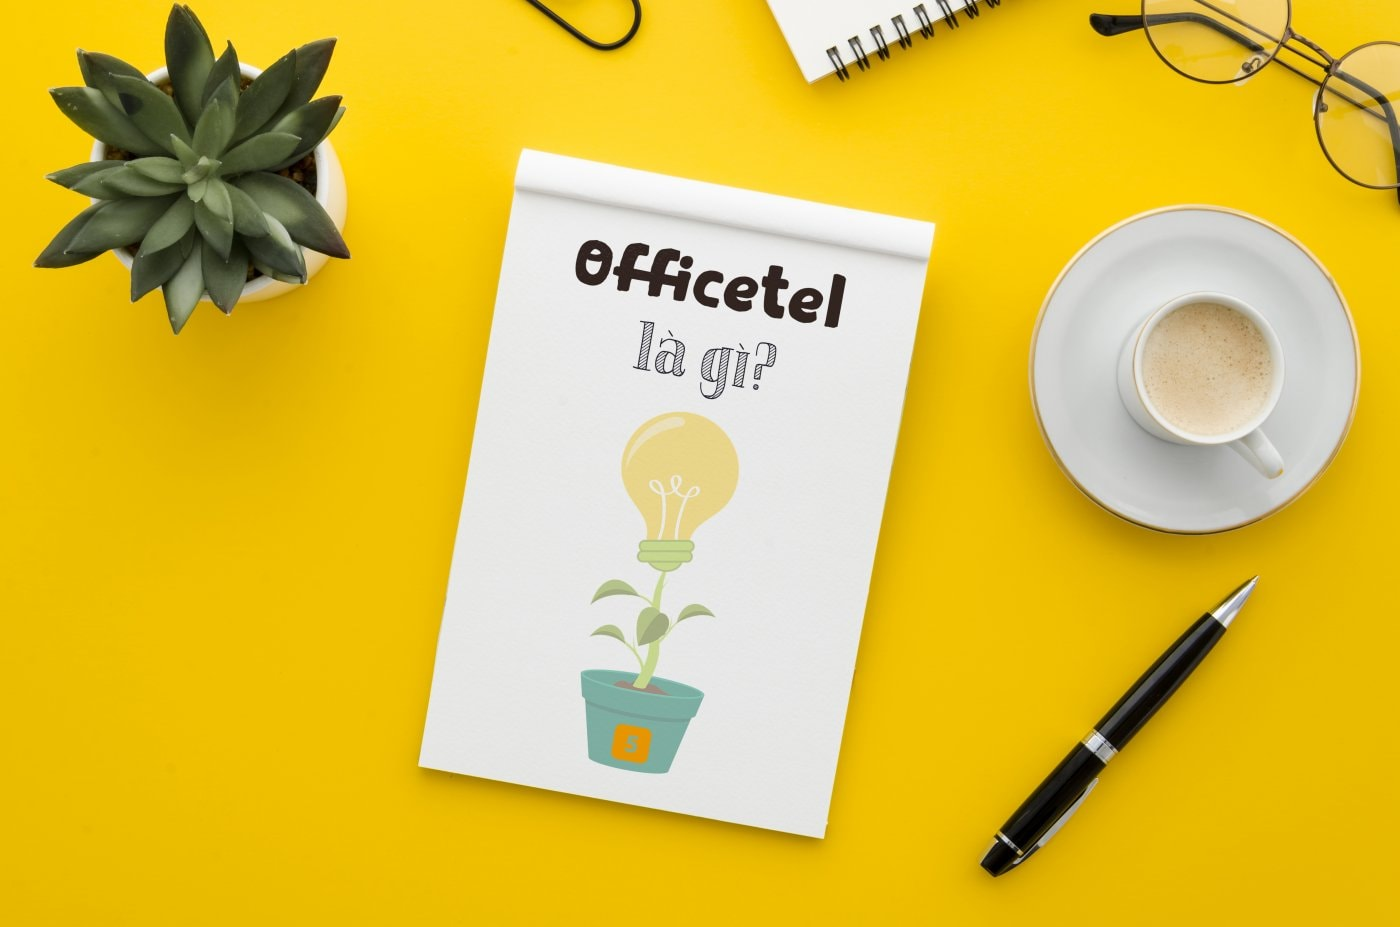 Officetel là gì?